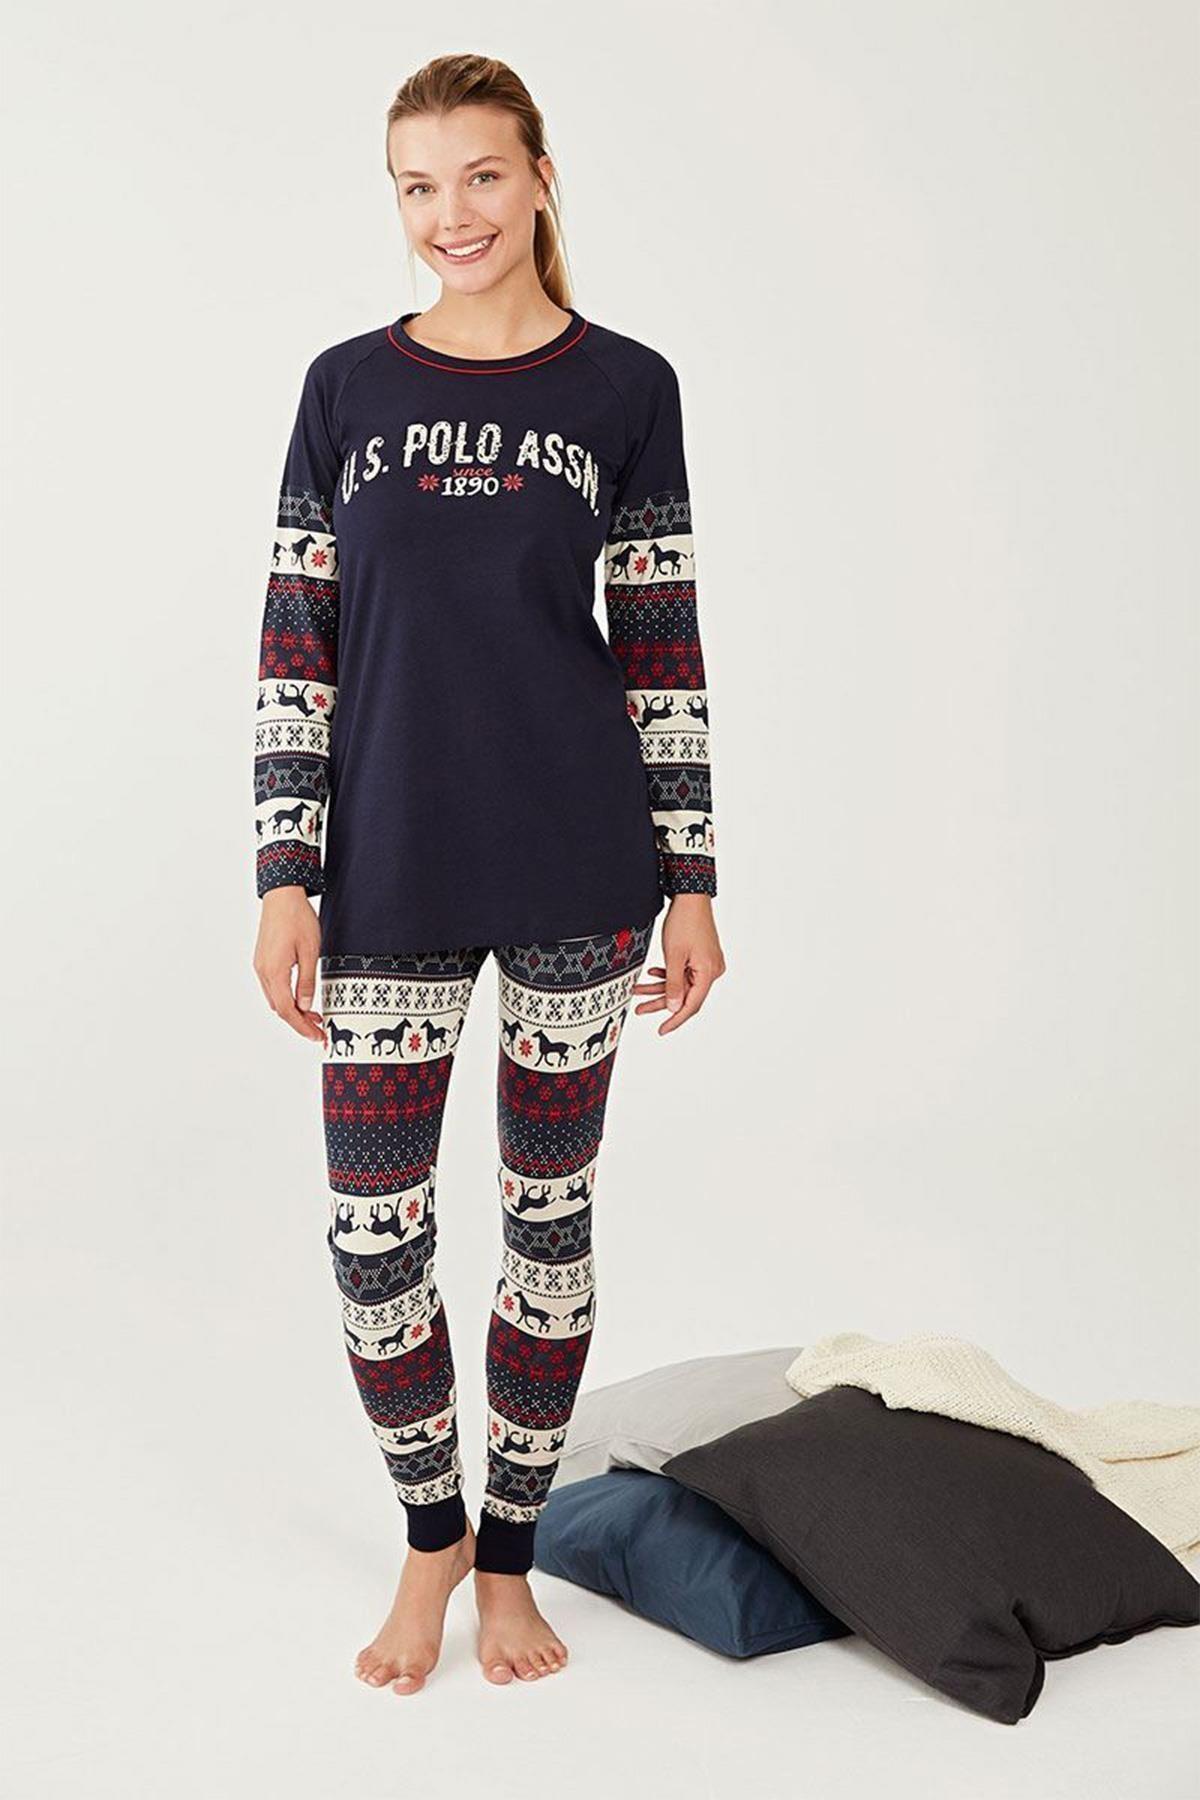 U.S. Polo Assn. Yuvarlak Yaka Bayan Pijama Takım 16278 1